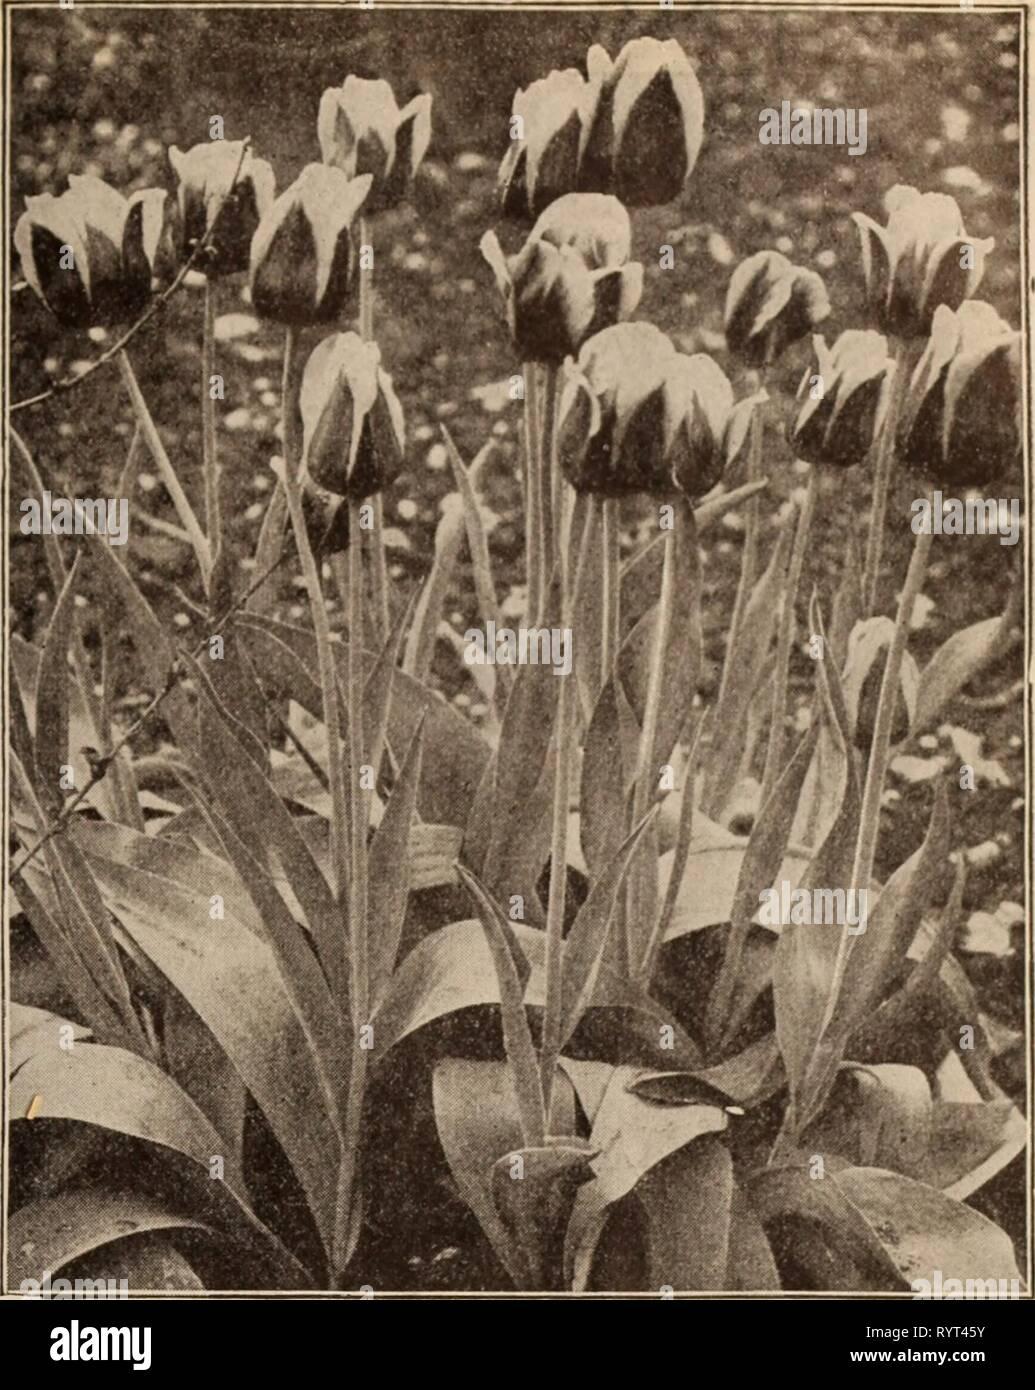 Dreer's Wholesale lista de precios Lista de precios al por mayor del Dreer / Henry A. Dreer. . Dreerswholesalep1912dree Año: Doble TULIPANES MURILLO SOLO PRIMEROS TULIPANES KAISER KROON por cada 100 1000 j Silver Standard. Blanco, rayas carmesí .... $150 $1400 I Sir Thos. Lipton. El más rico de todos los tulipanes escarlata, me extrafina 2 35 22 00 I Thomas Moore. Naranja brillante, multa de 85 7 00 bermellón brillante. Vermilion escarlata, bien . . . 1 90 17 50 White Hawk (Albion). Un fino blanco puro bedder o forcer Wouverman 1 50 13 00. Morado, bellas bedder 2 50 24 00 Amarillo Prince. De color amarillo dorado, uno de los mejores amarillos fo Foto de stock